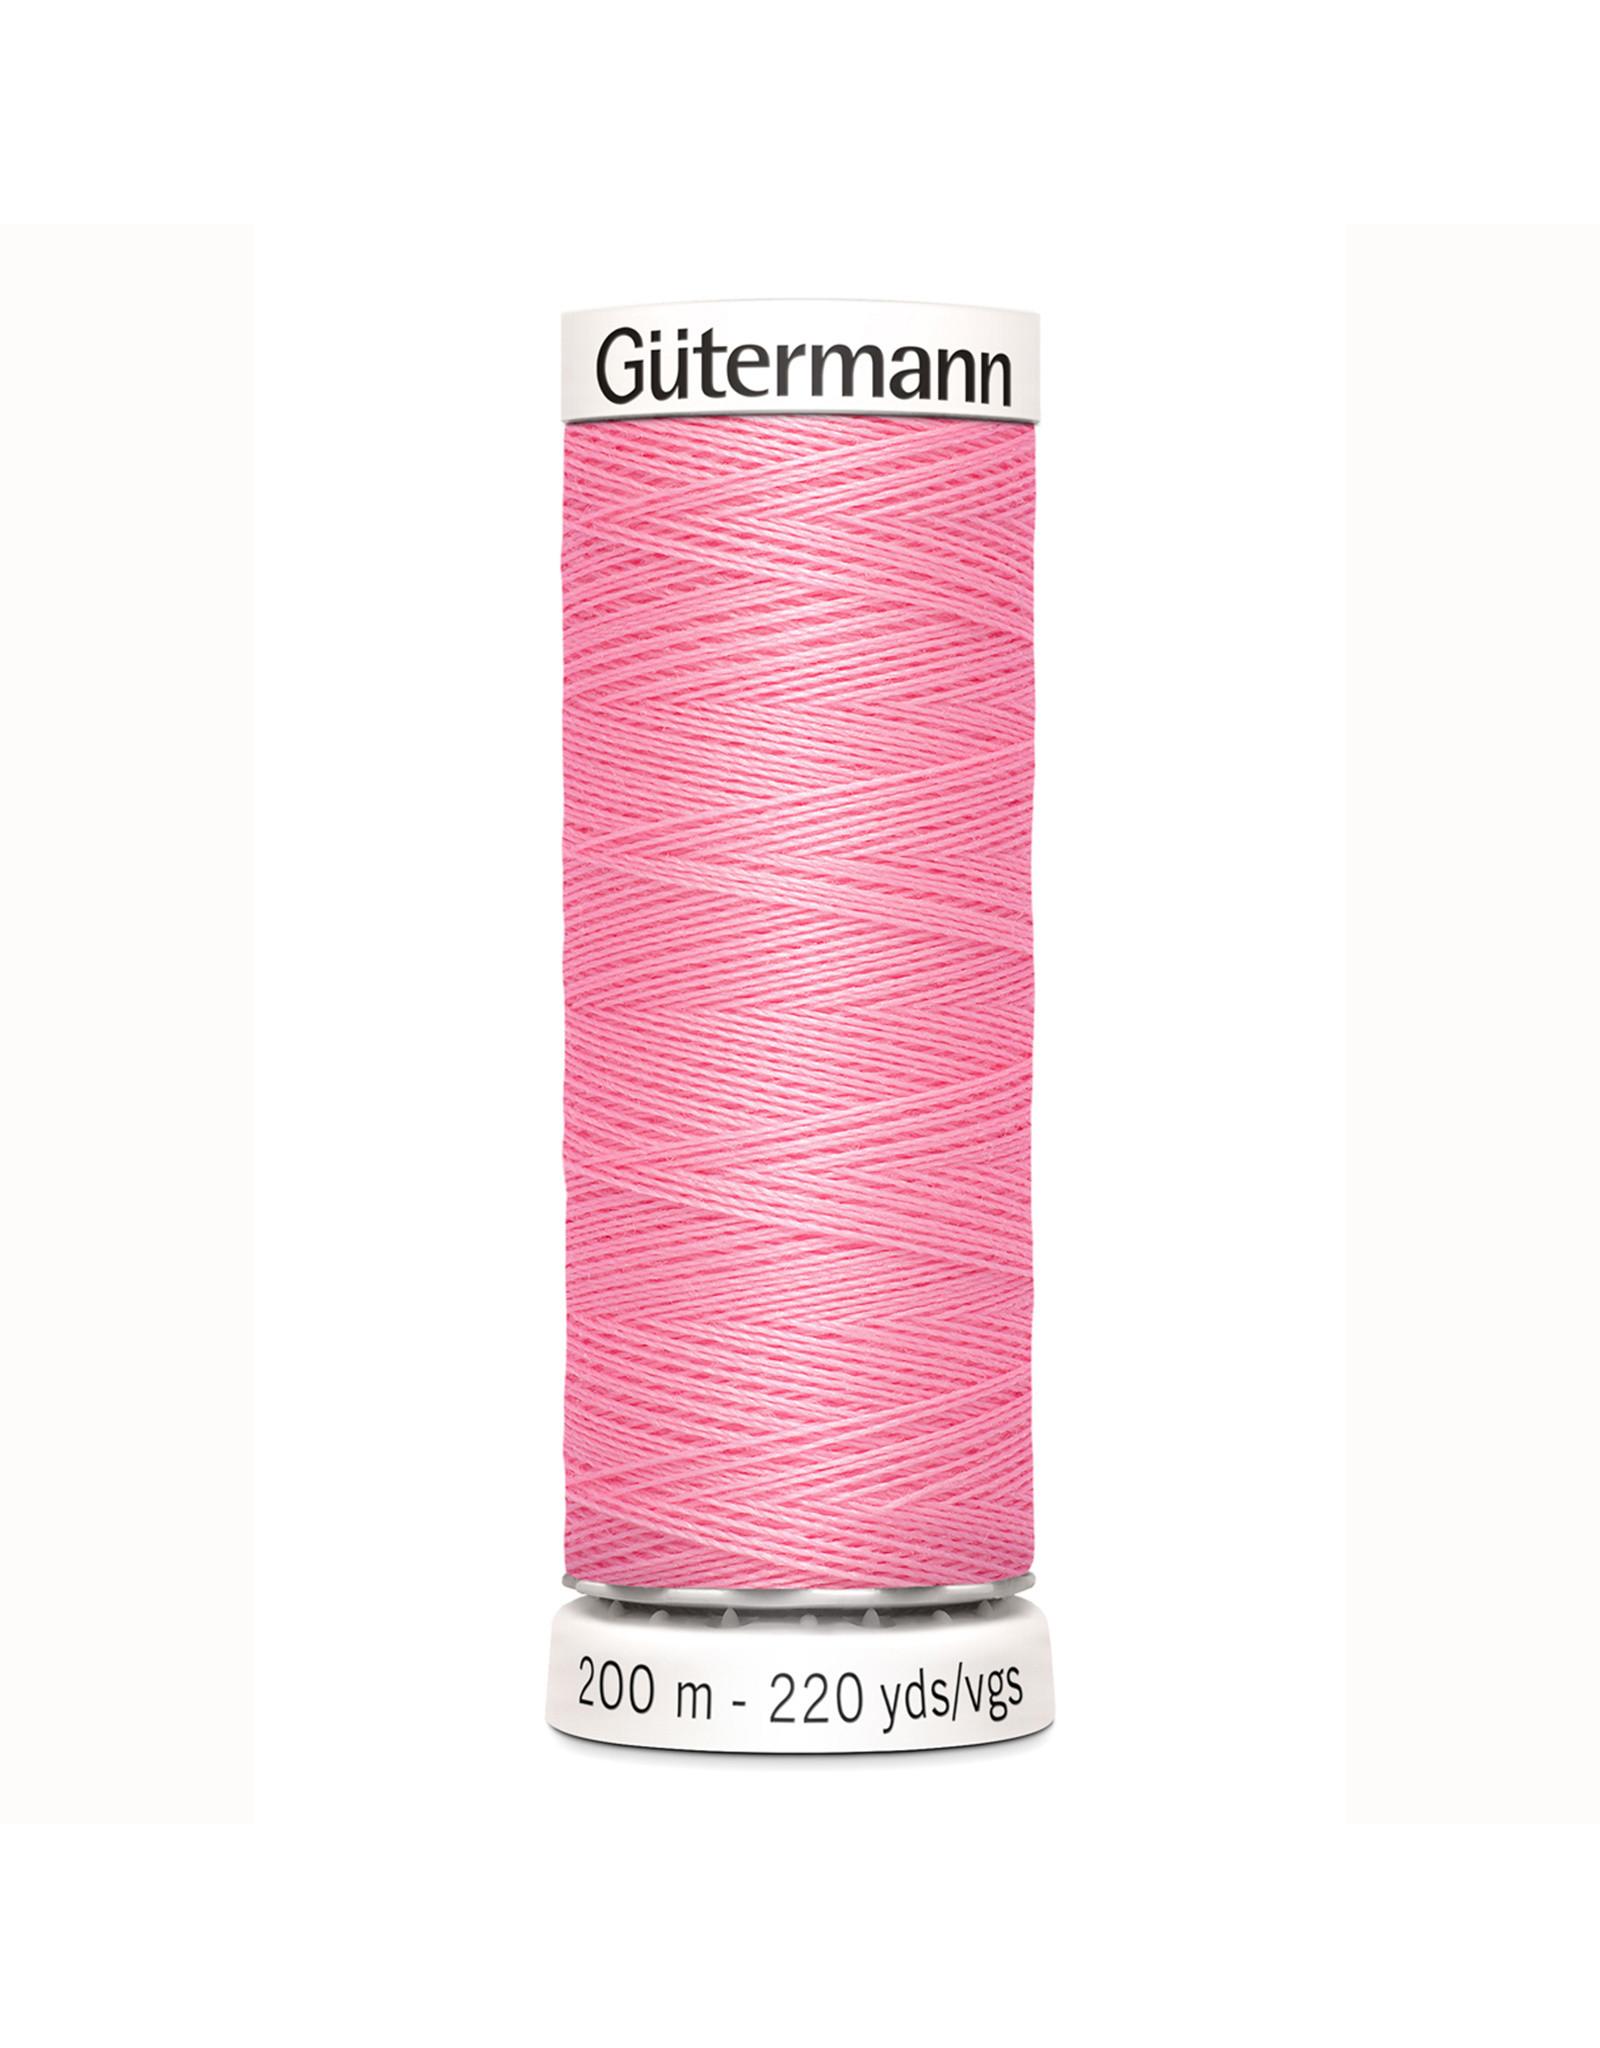 Gütermann Gütermann Nähgarn 200 m - nr 758